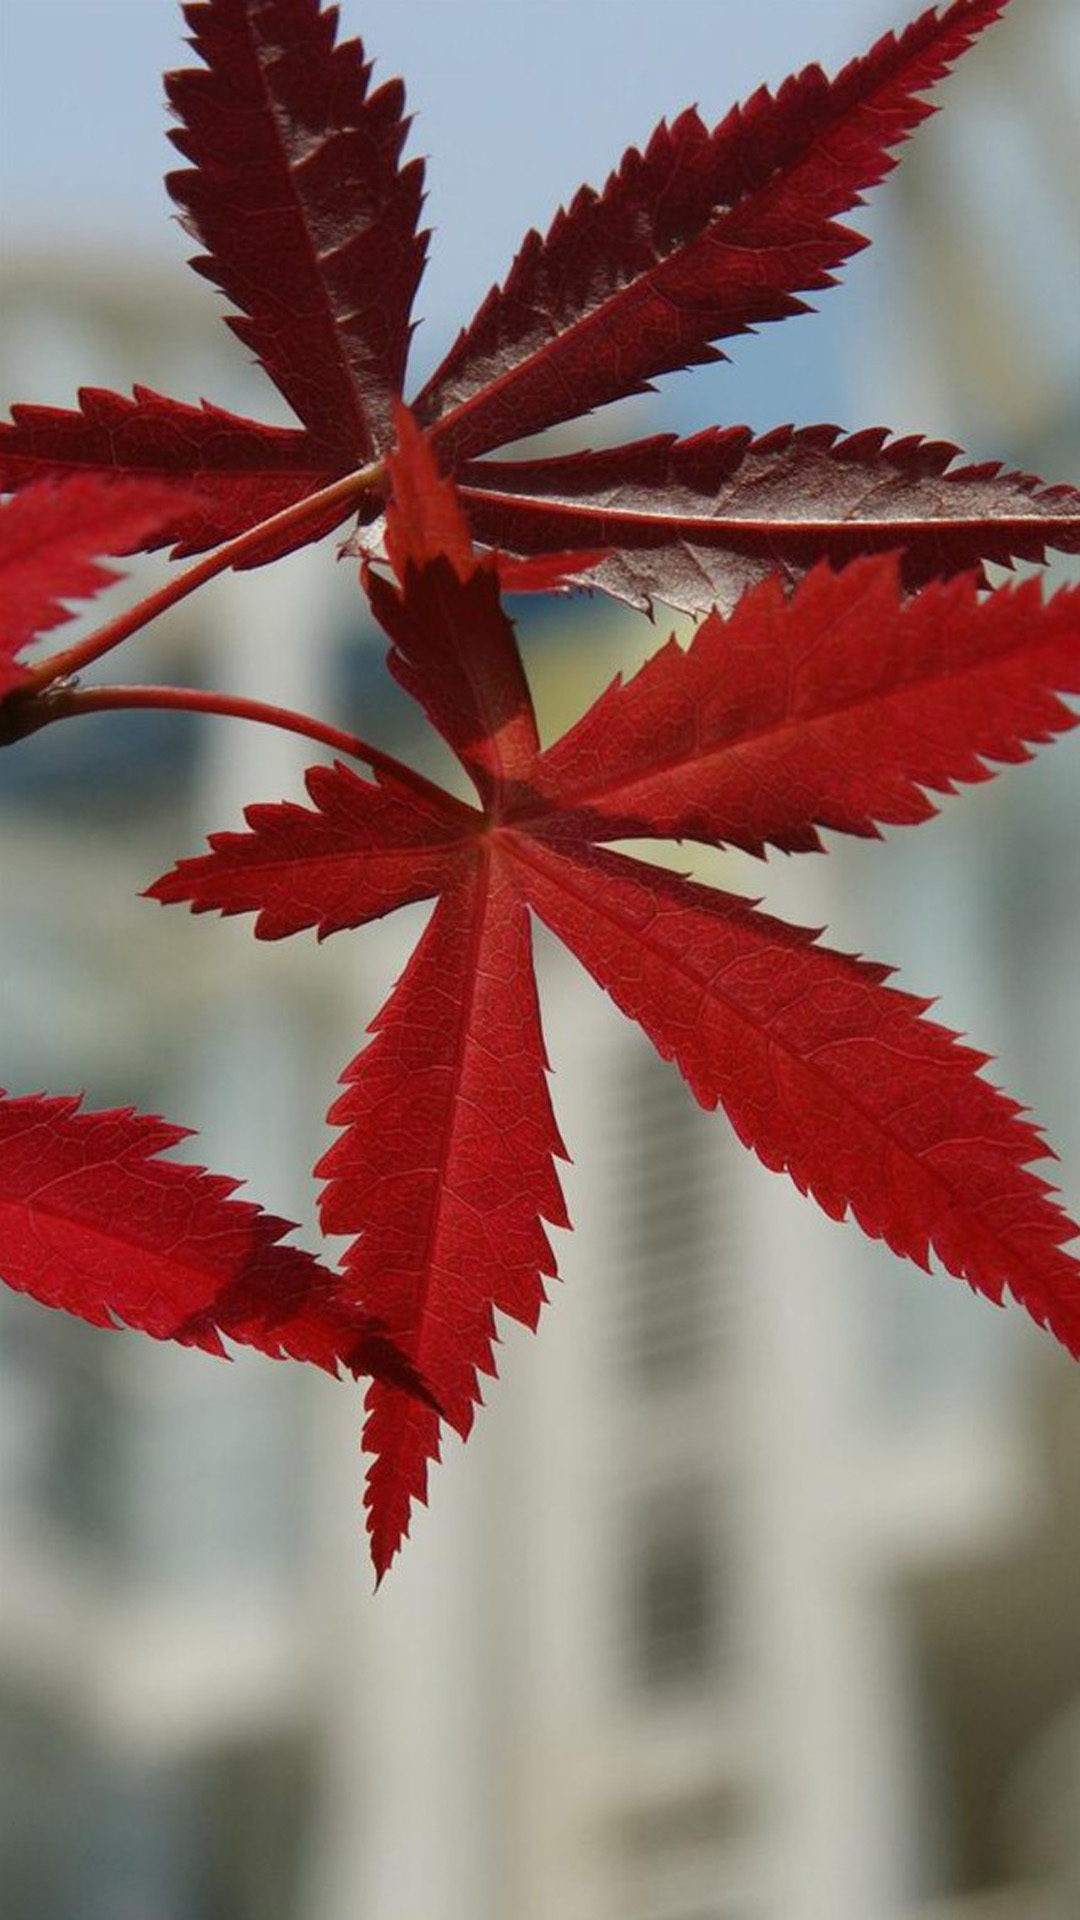 背景 壁纸 枫叶 红枫 绿色 绿叶 树 树叶 植物 桌面 1080_1920 竖版